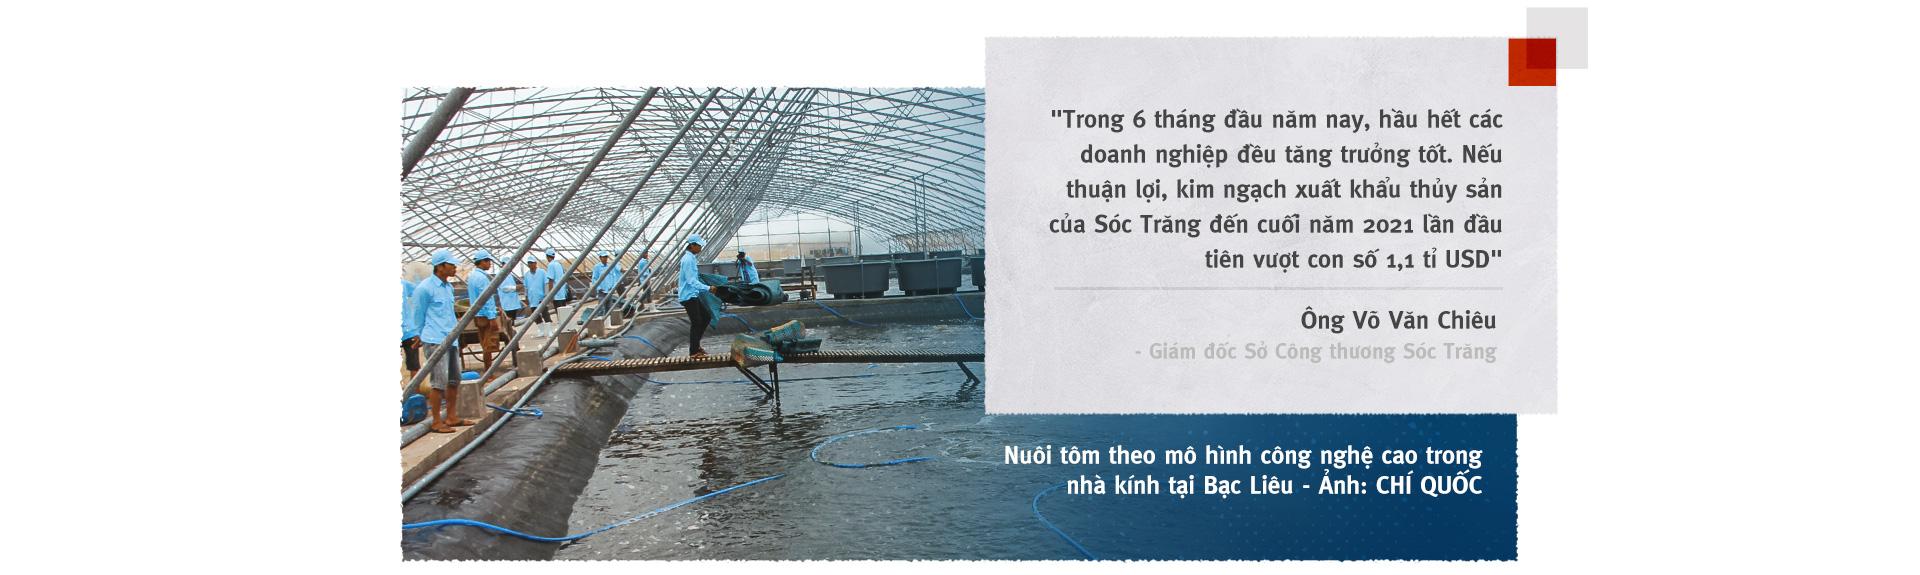 Vượt sóng COVID-19: Thủ phủ tôm Sóc Trăng vào vụ 'trúng bể tay' - Ảnh 6.